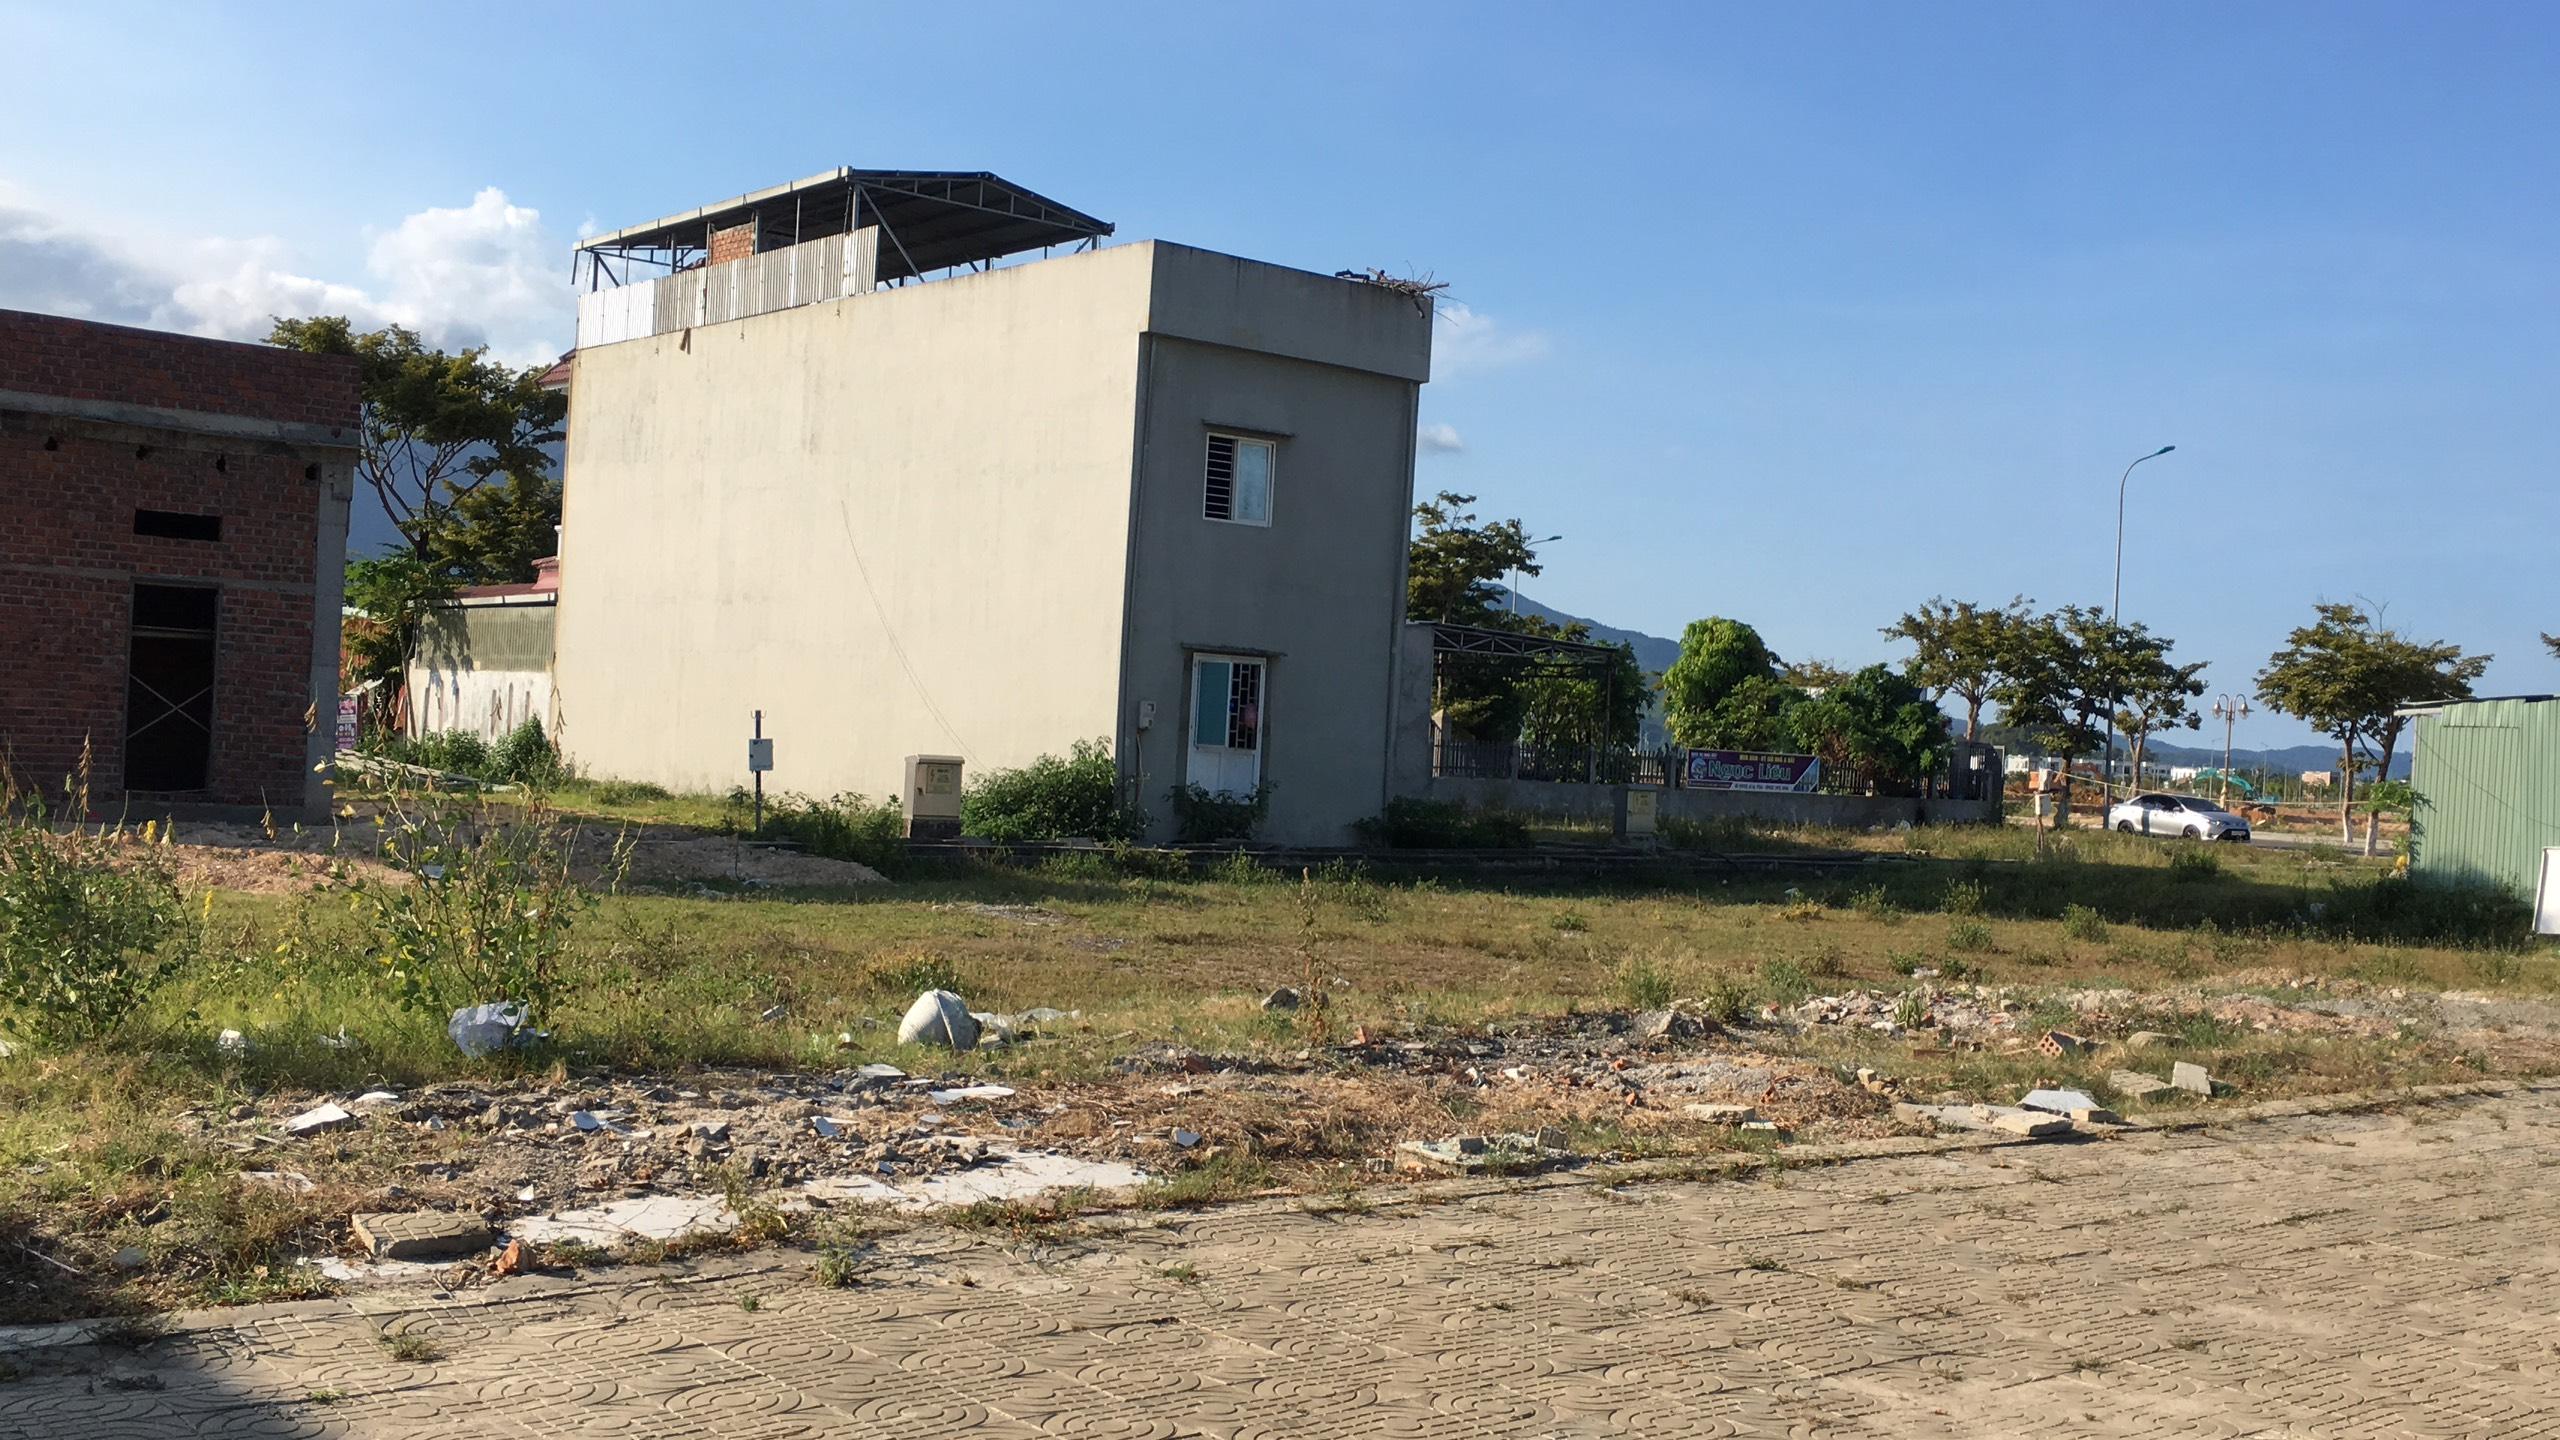 Trở lại nơi sốt đất ở Đà Nẵng, ki ốt bị dẹp hàng loạt, các dự án không bóng người - Ảnh 10.